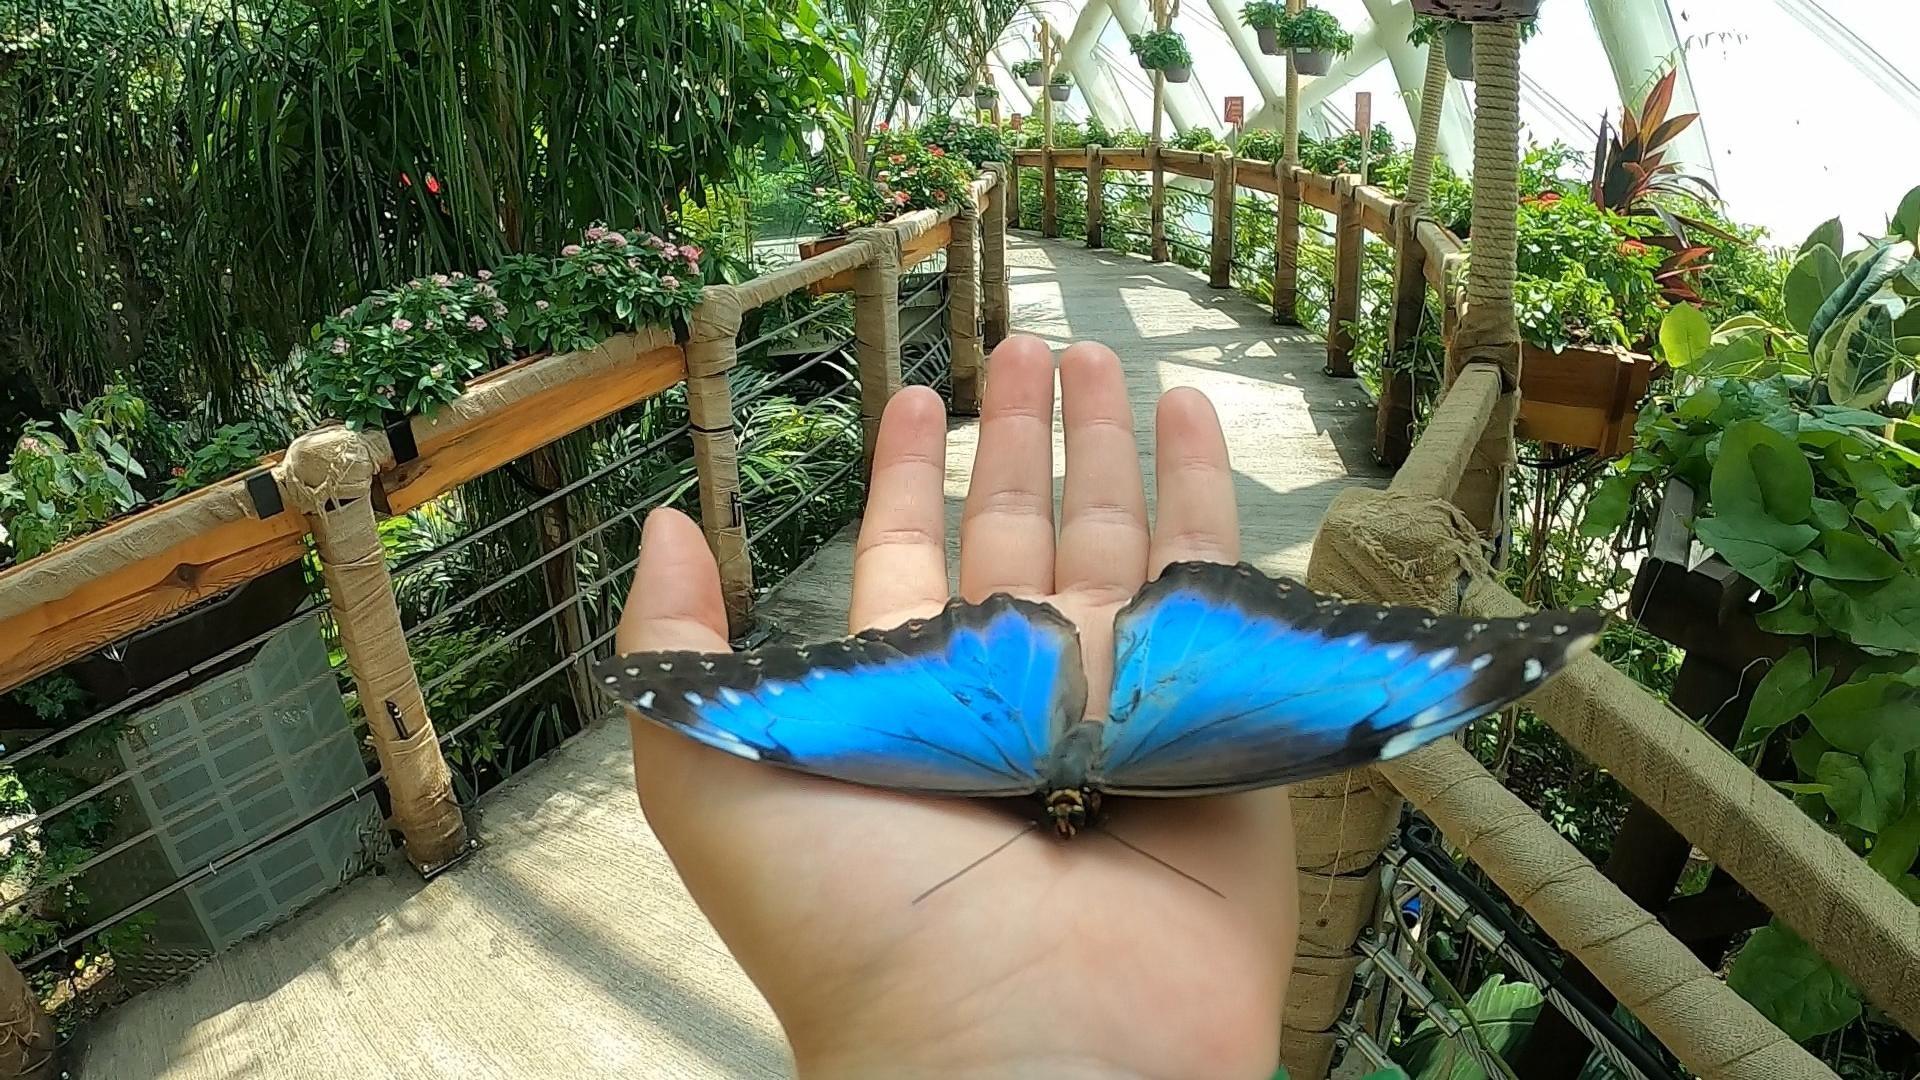 kelebeklerin-buyulu-dunyasi-kelebekler-vadisi-001.jpg